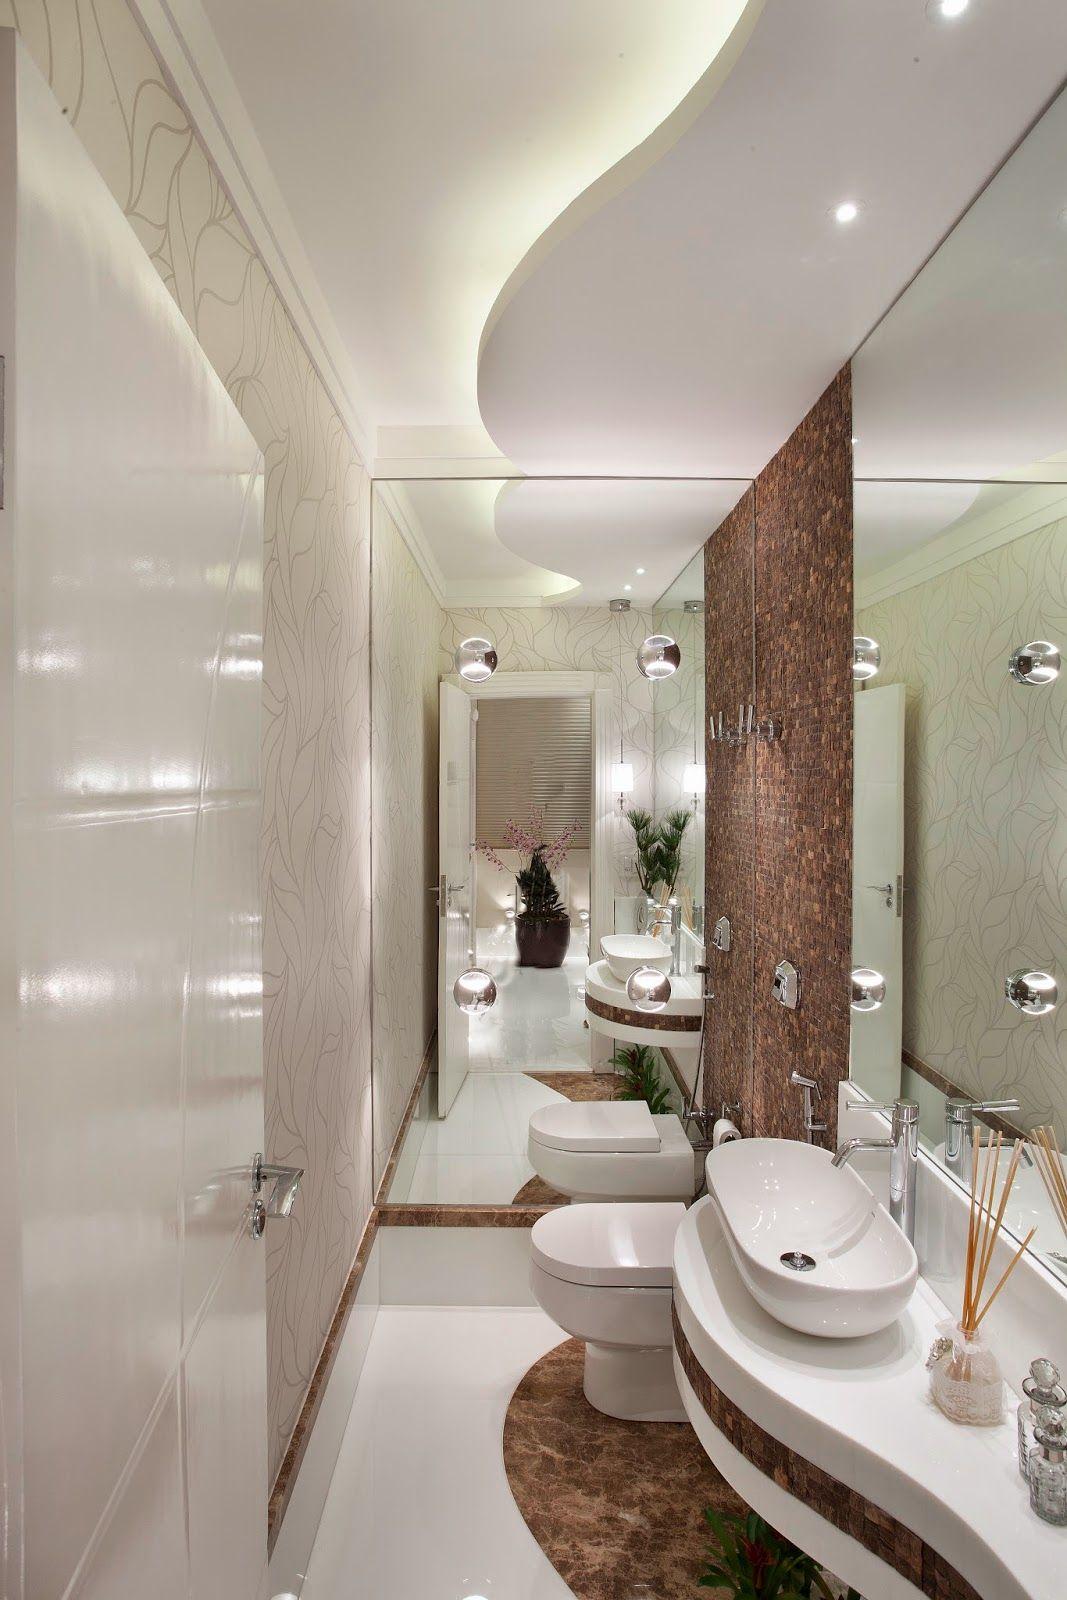 30 Lavabos pequenos e modernos  veja dicas de como ousar e decorar!  Decor  -> Dicas Banheiro Moderno